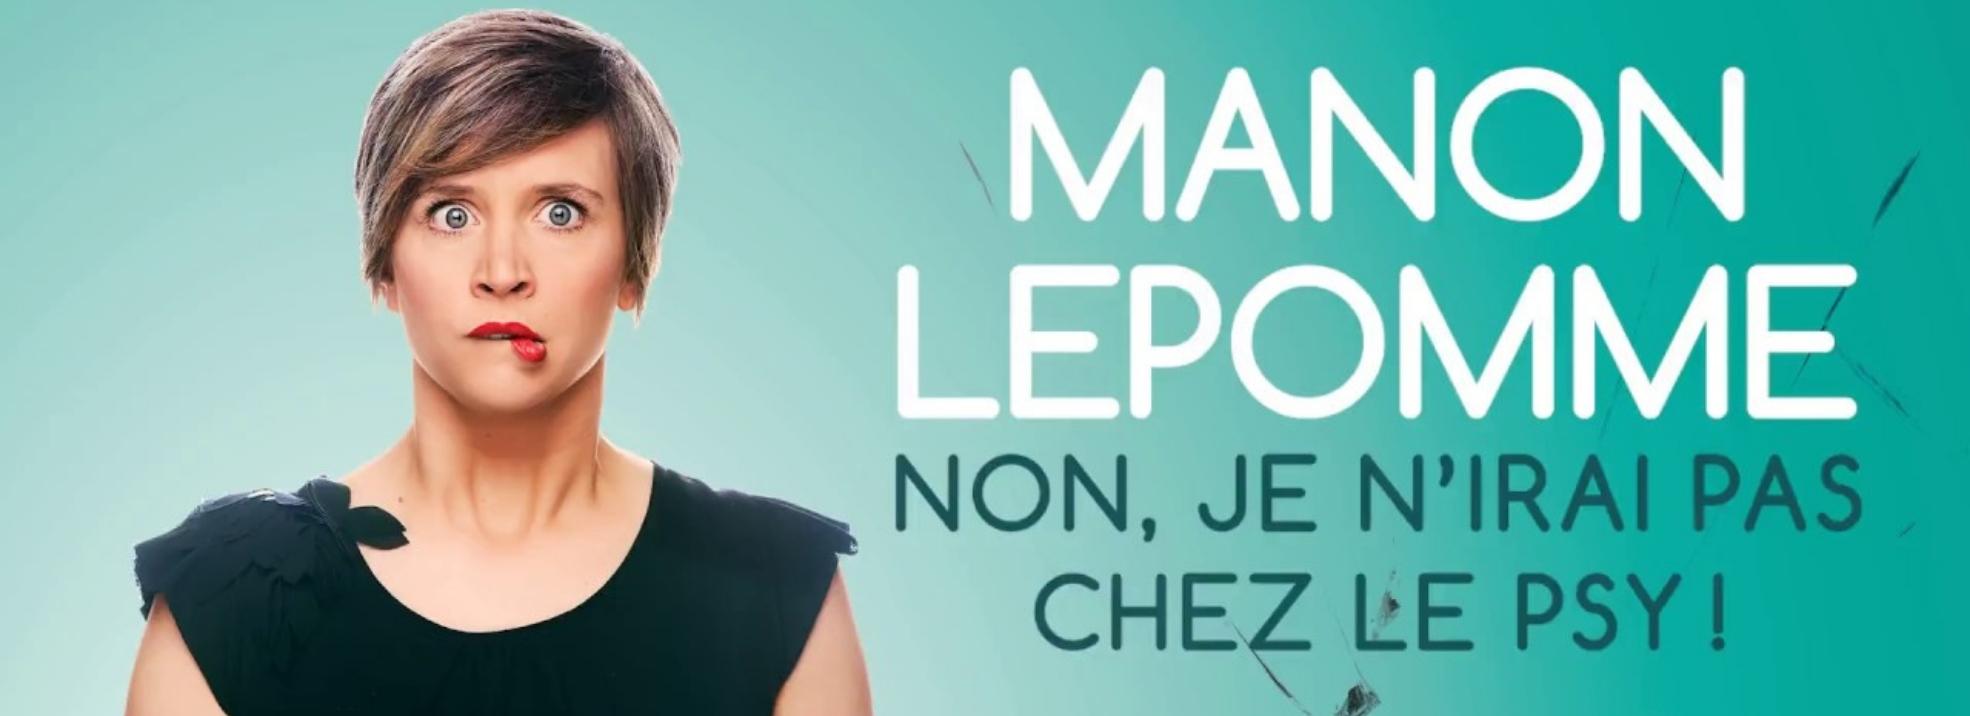 Manon Lepomme dans la programmation de la Compagnie du café théâtre à Nantes